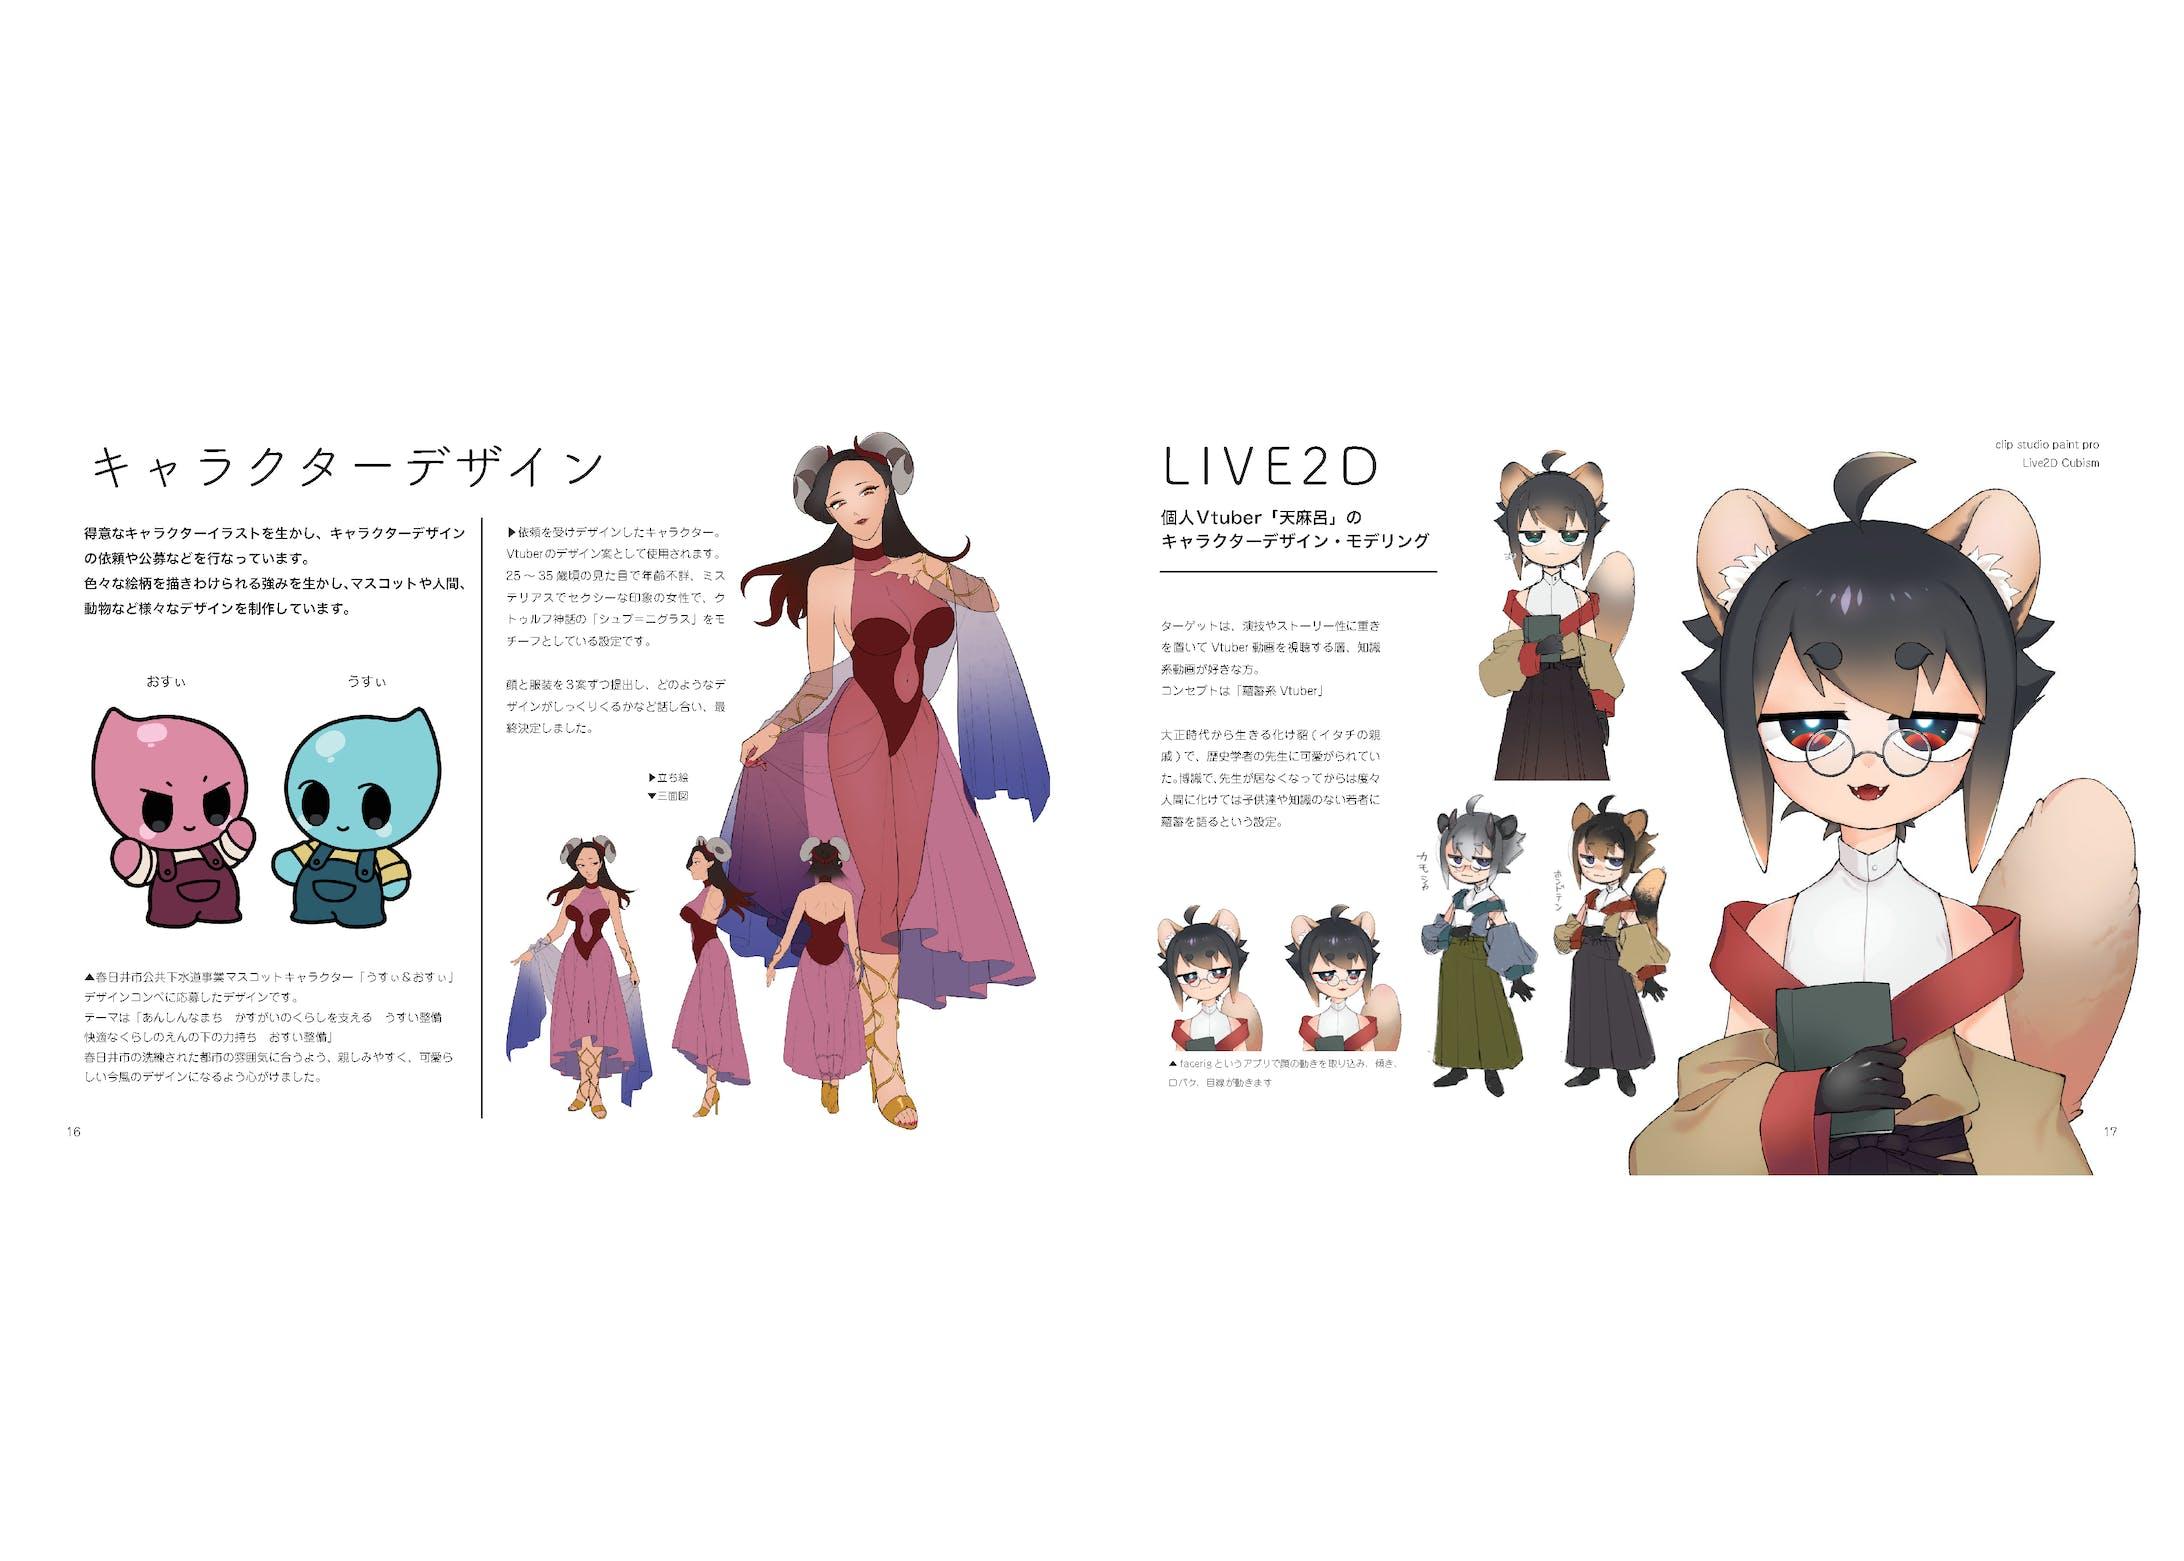 【お急ぎの方はこちら】紙版ポートフォリオ-9